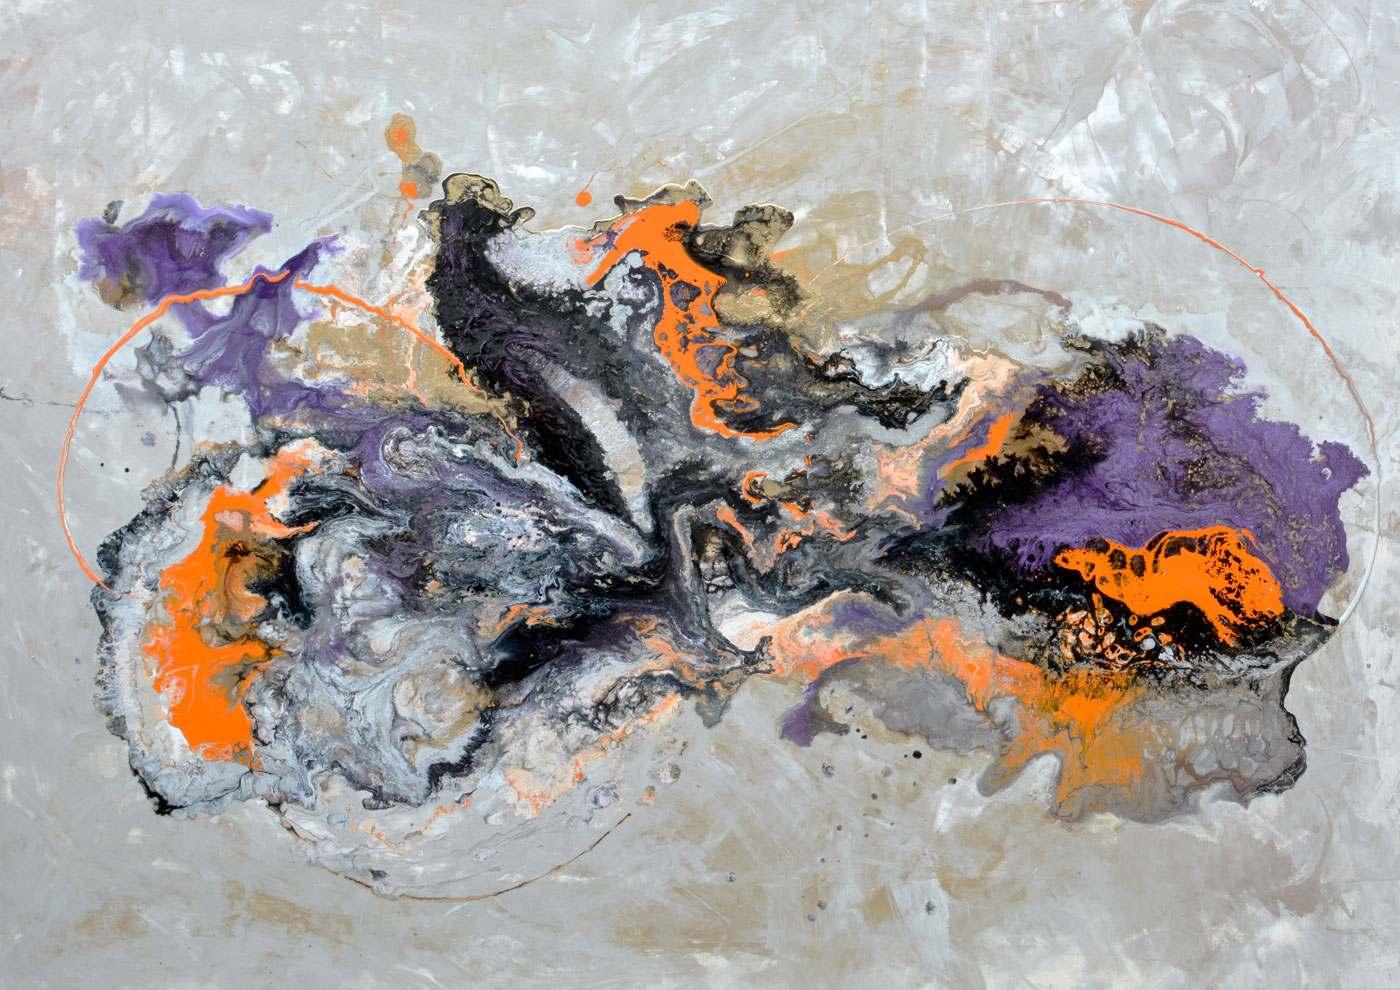 purple metallic paints with orange